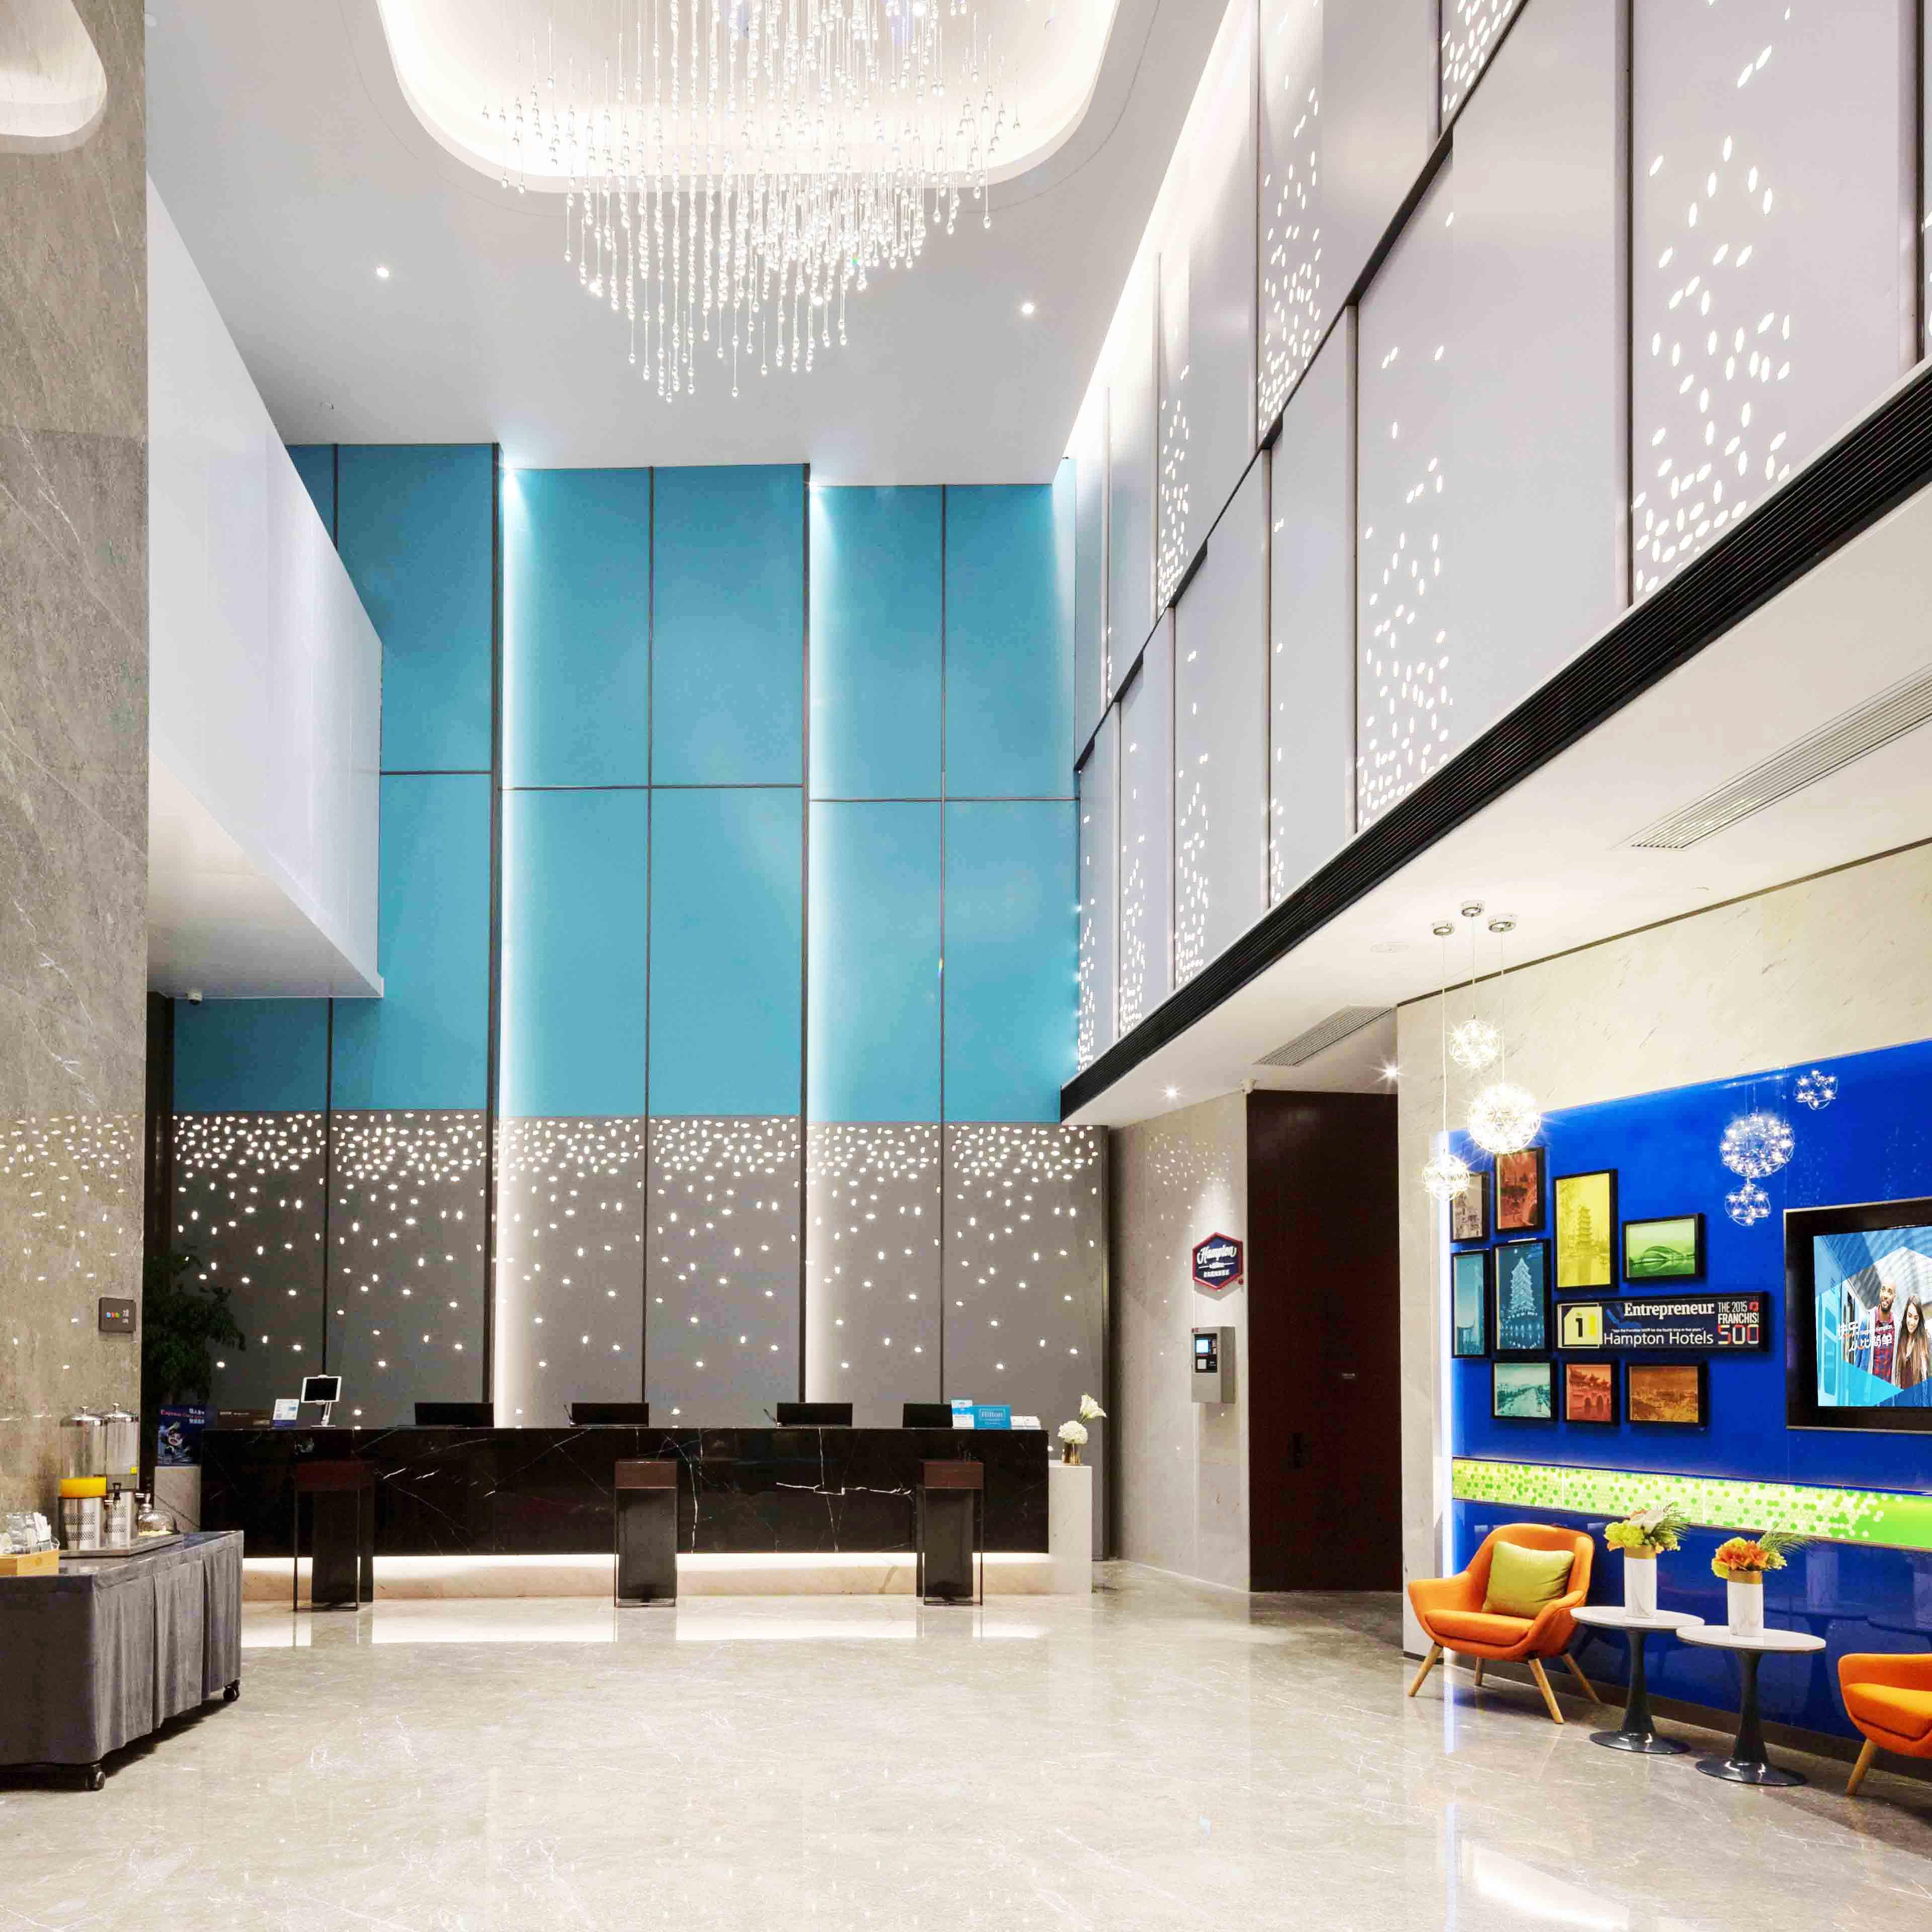 合肥希尔顿酒店价格_合肥酒店-特色酒店-黄山市东南国旅